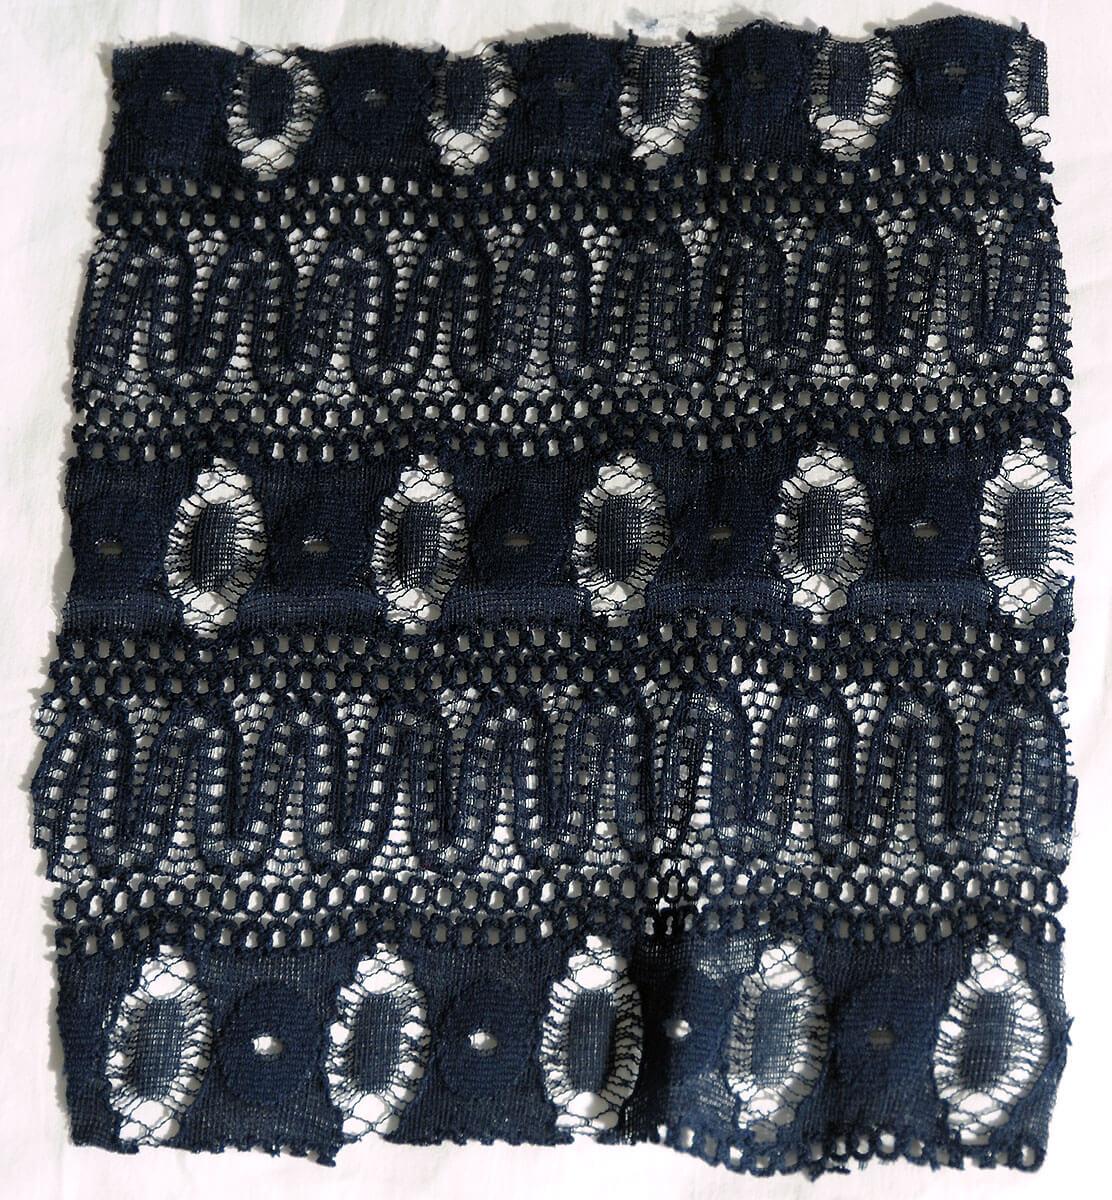 EC44 143 115 - Elastic lace valenciennes